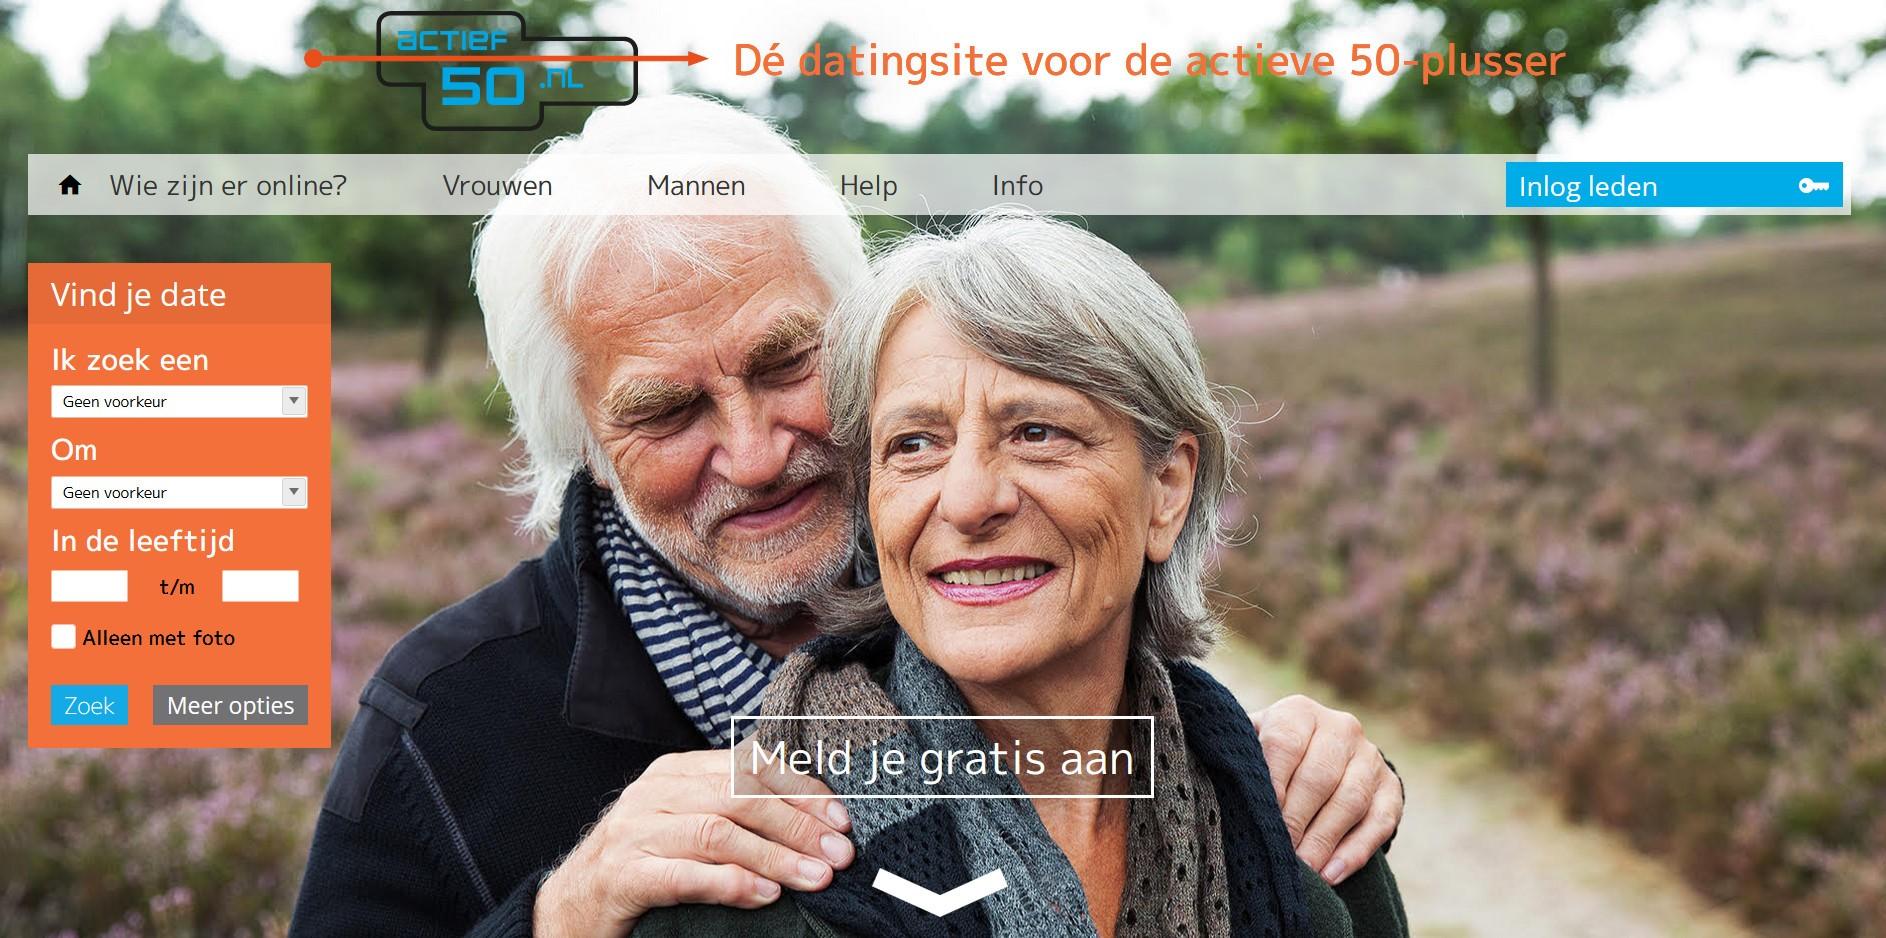 Actief50 datingsite